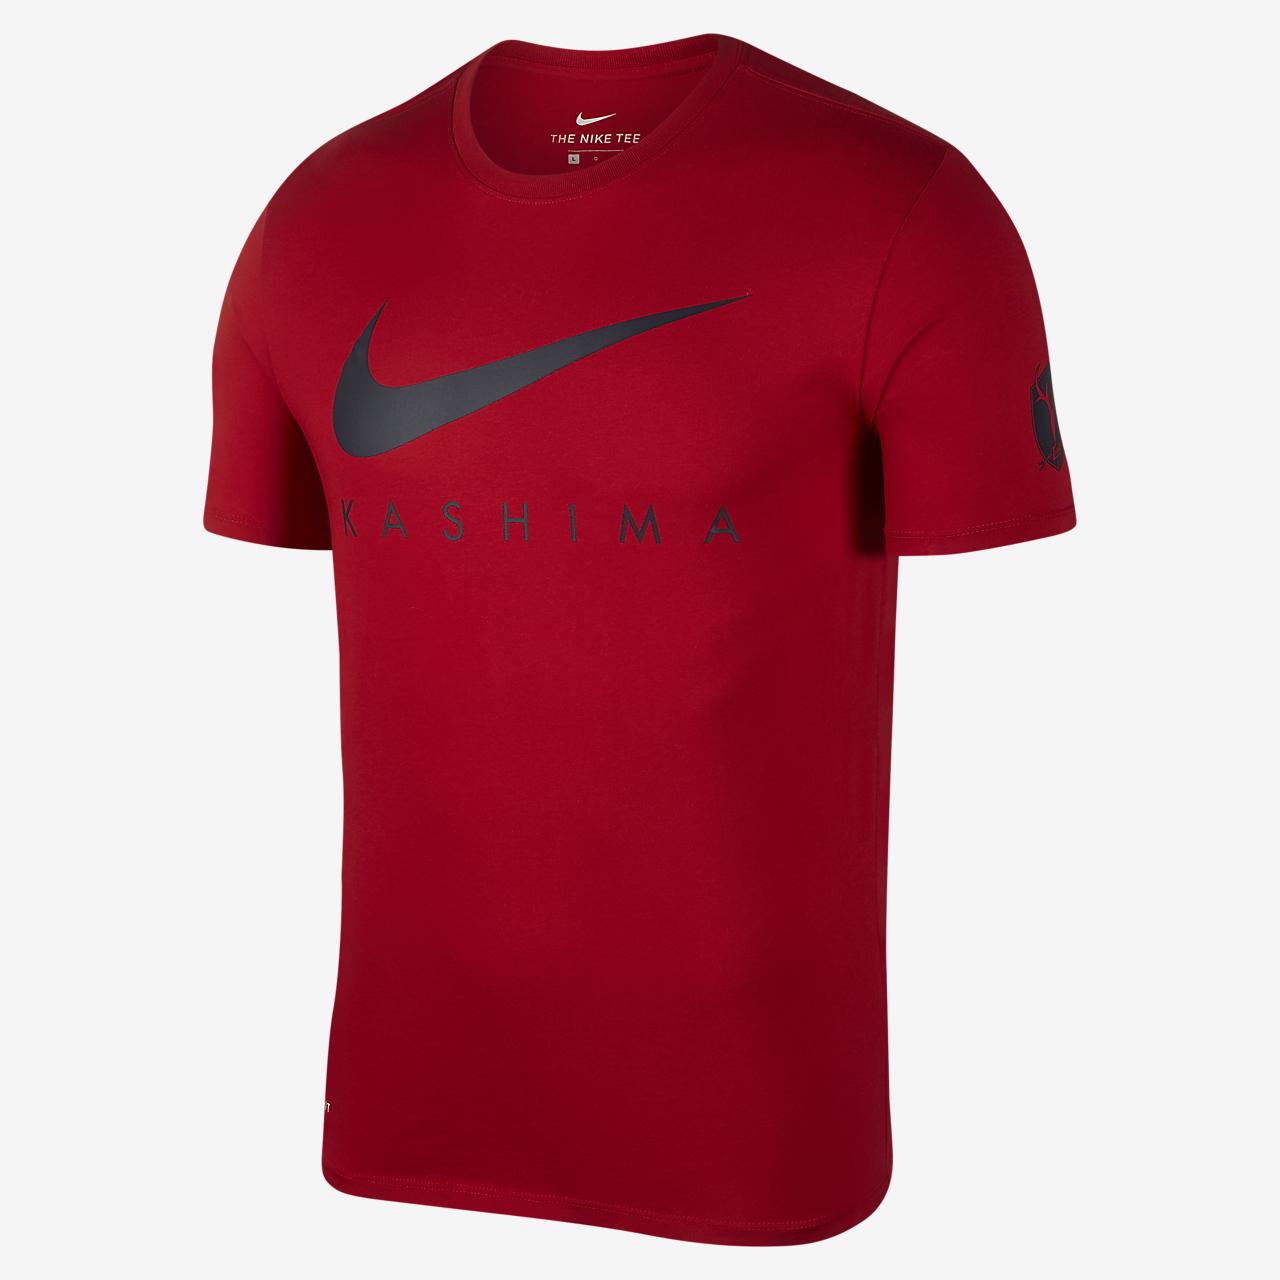 Kashima Dri-FIT メンズ Tシャツ